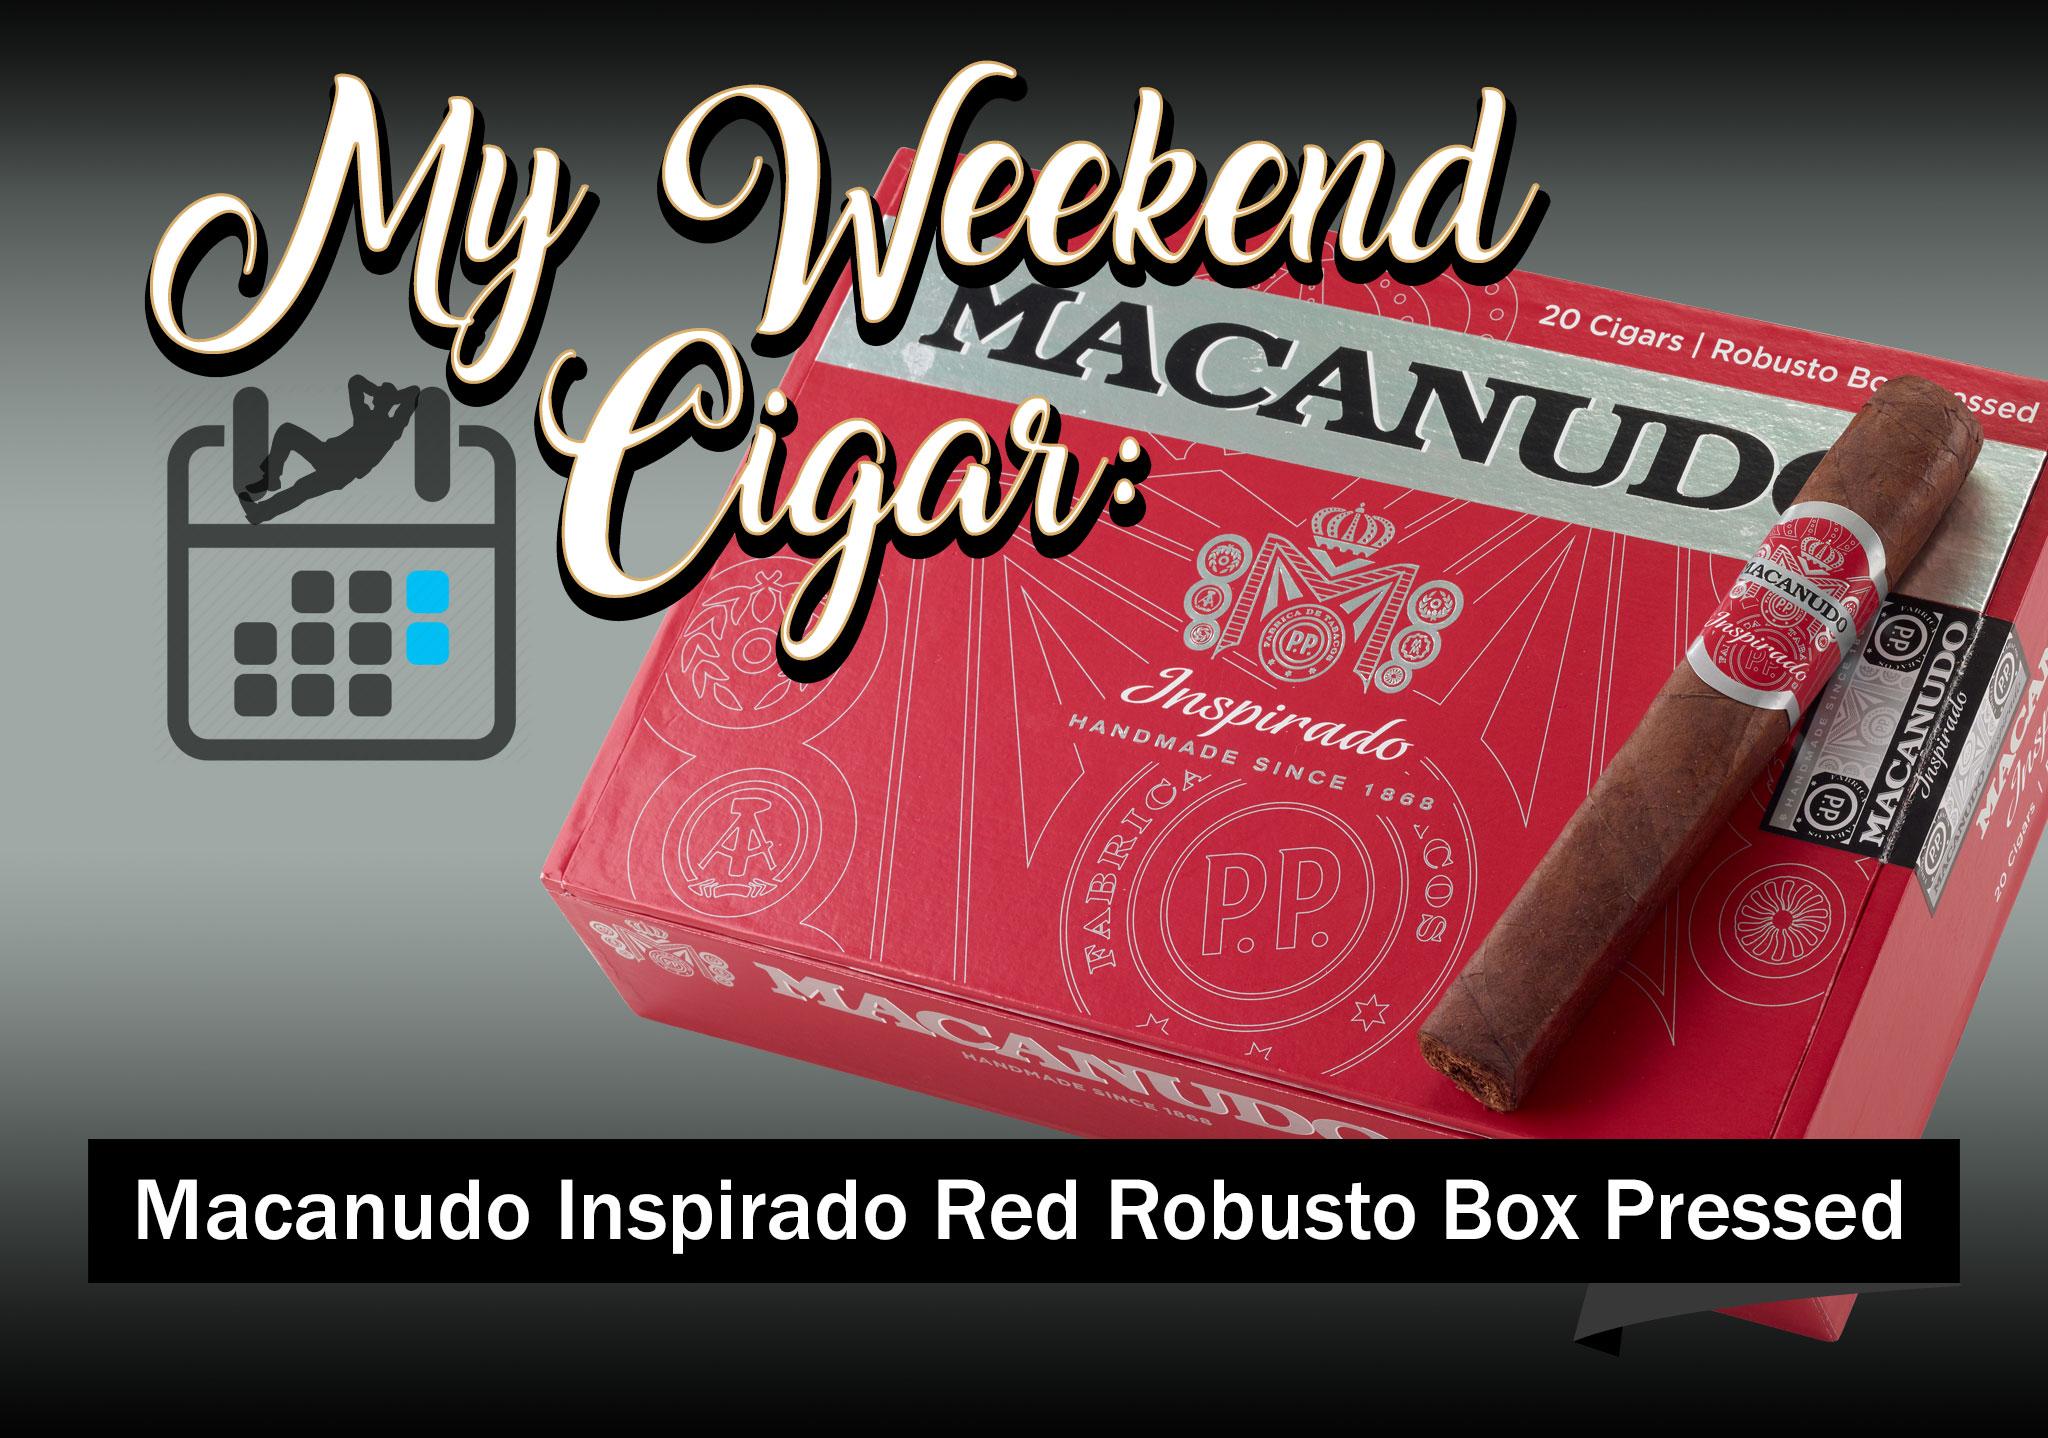 My Weekend Cigar: May 14, 2018 – Macanudo Inspirado Red Robusto